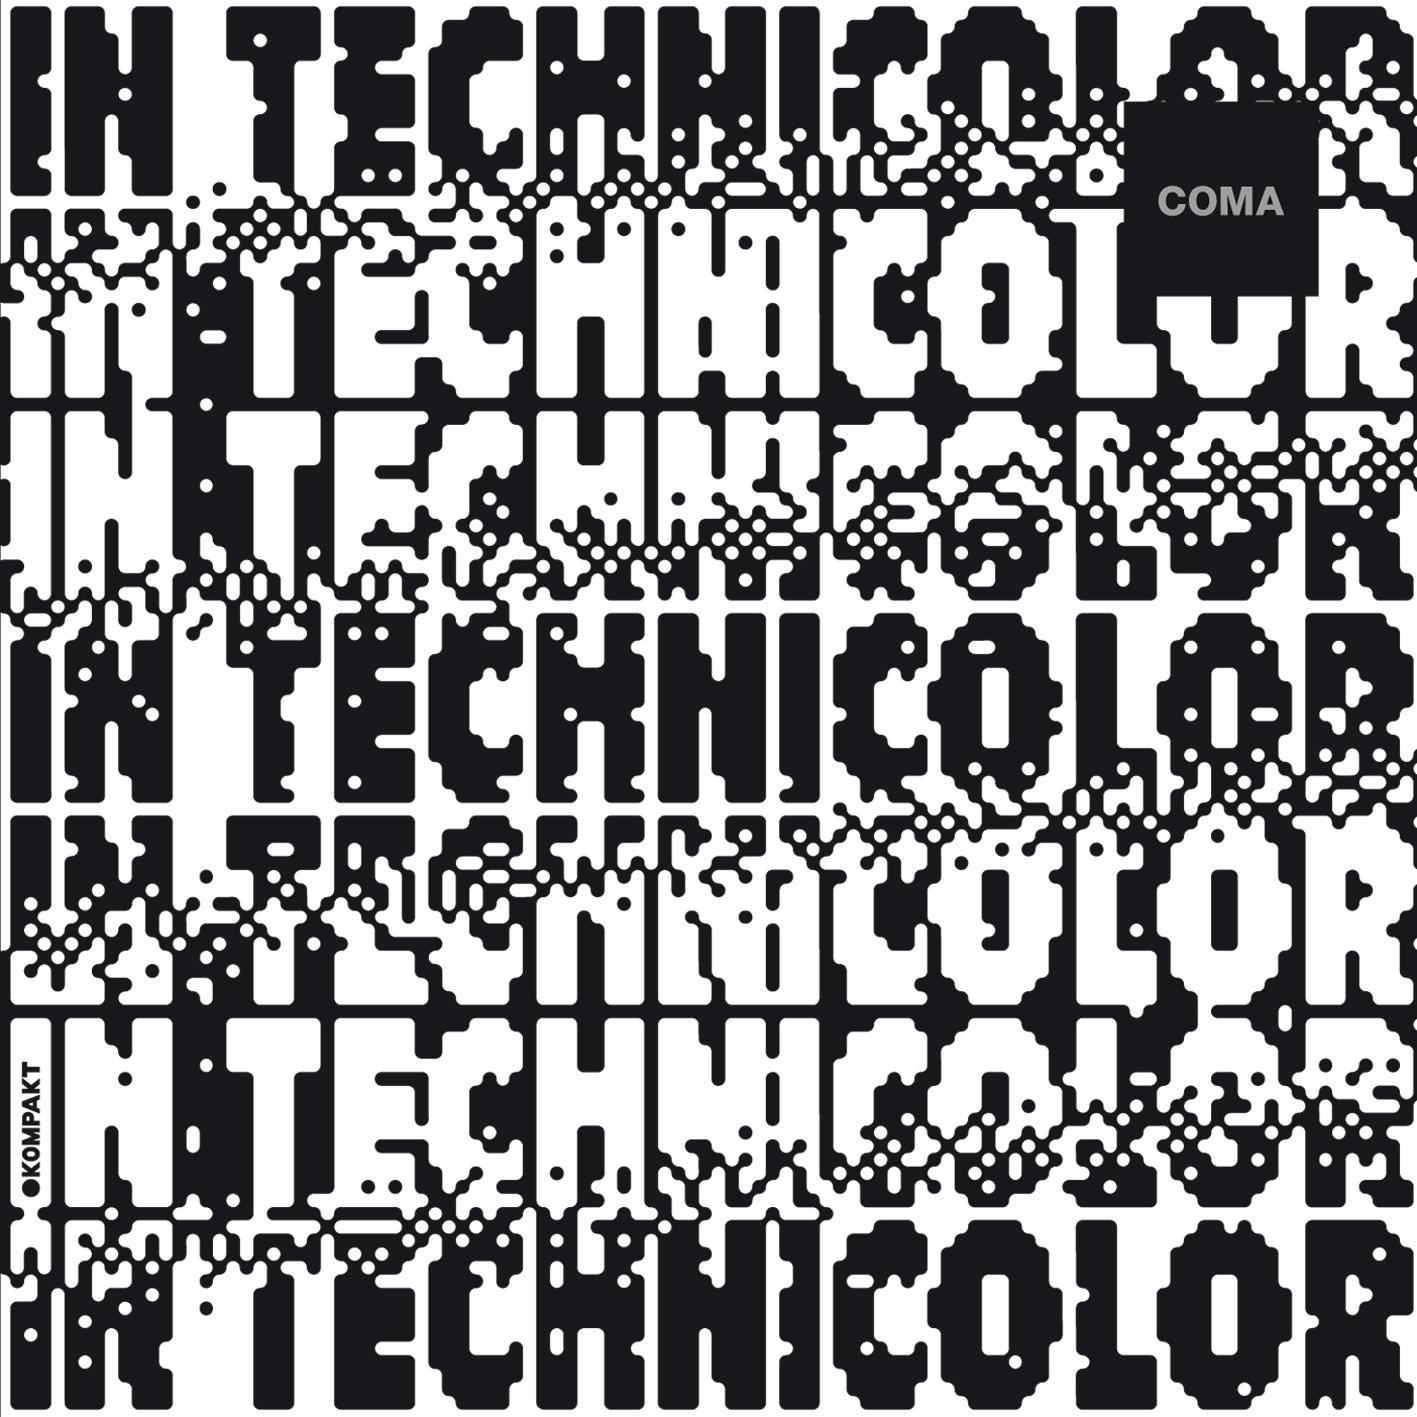 """COMA veröffentlichen ihr Debütalbum """"In Technicolor"""" (Kompakt)"""